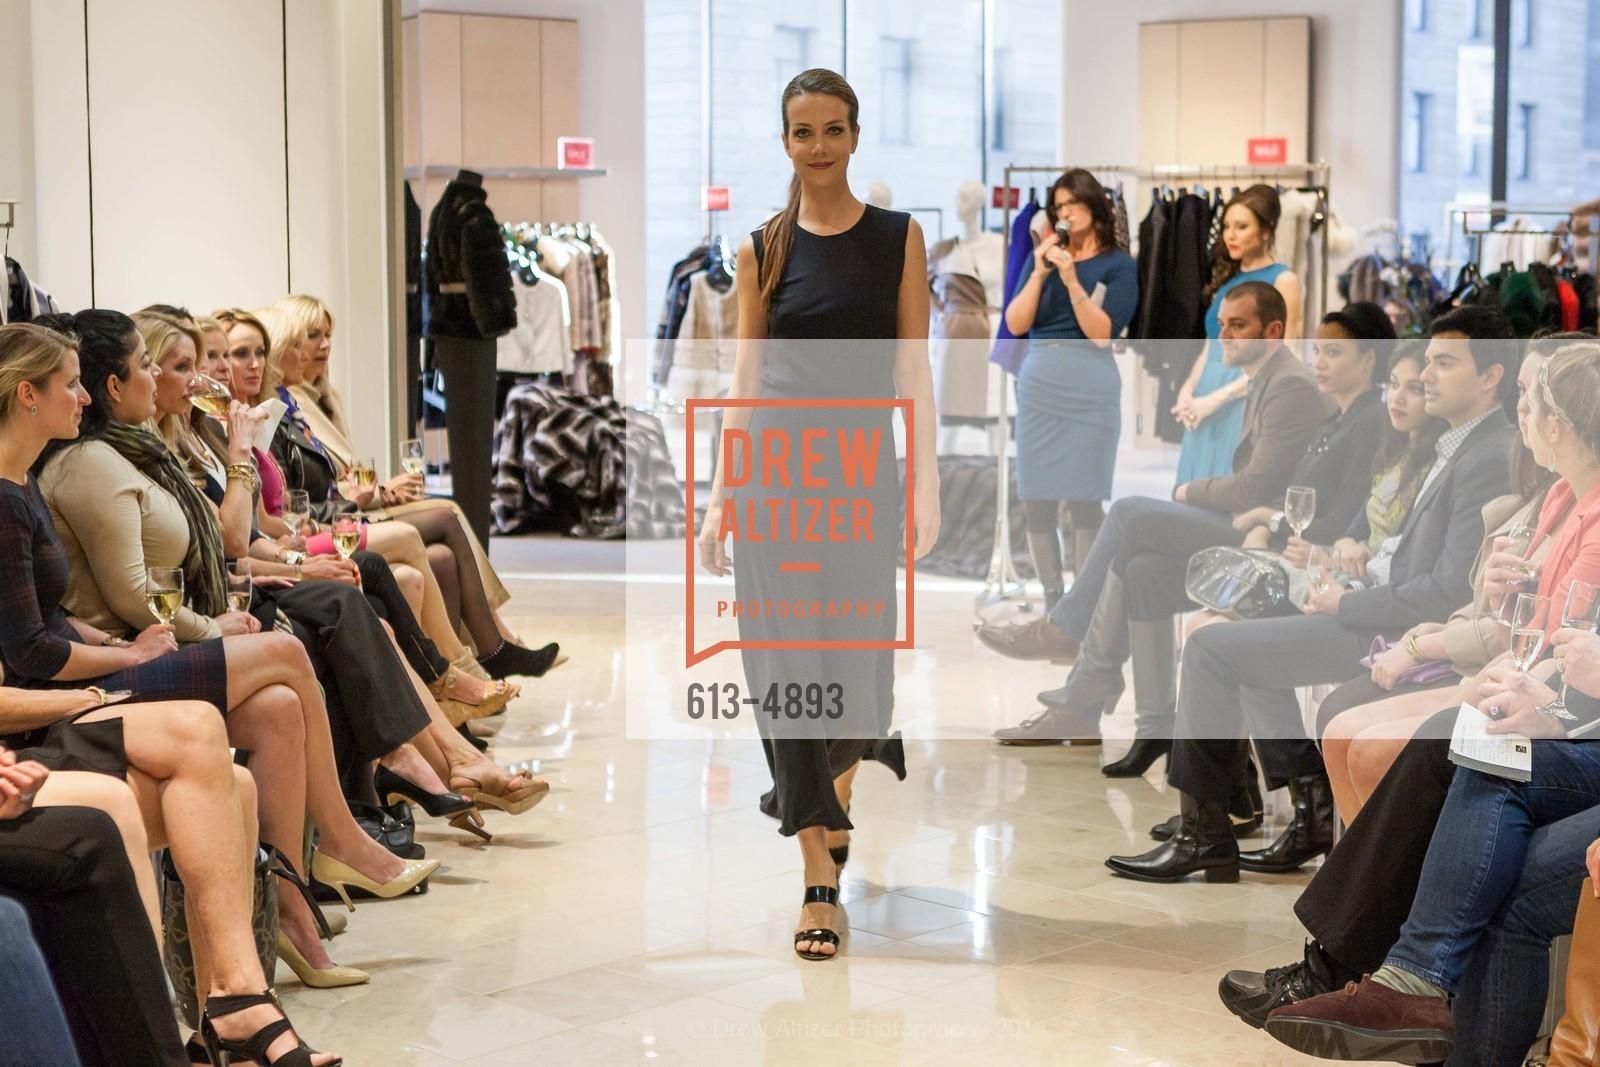 Fashion Show, Photo #613-4893